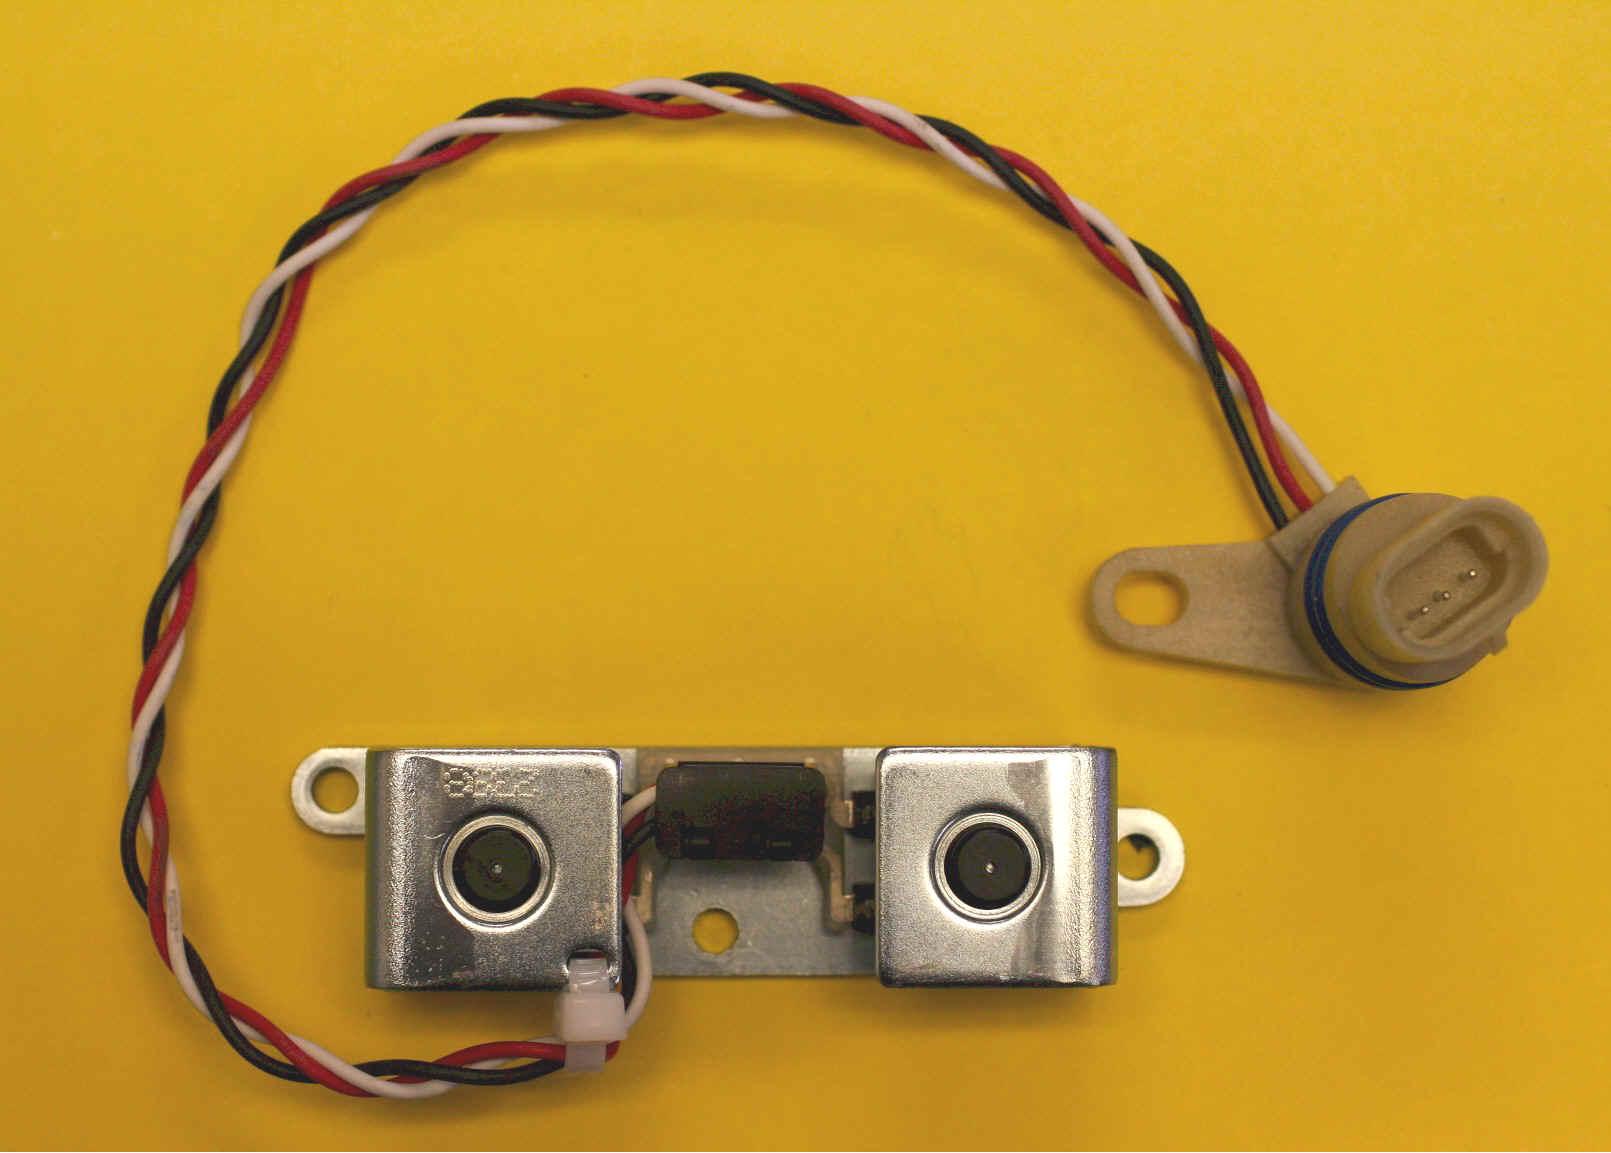 A518 Wiring Schematic | Best Wiring Liry on 46rh wiring diagram, 32rh wiring diagram, cam wiring diagram, 42re wiring diagram, dodge wiring diagram, 545rfe wiring diagram, 68rfe wiring diagram, 7.3l glow plug wiring diagram, 45rfe wiring diagram, 44re wiring diagram, transmission wiring diagram, a604 wiring diagram, 42rle wiring diagram, 2009 duramax glow plug wiring diagram, mahindra glow plug wiring diagram, 47re wiring diagram,